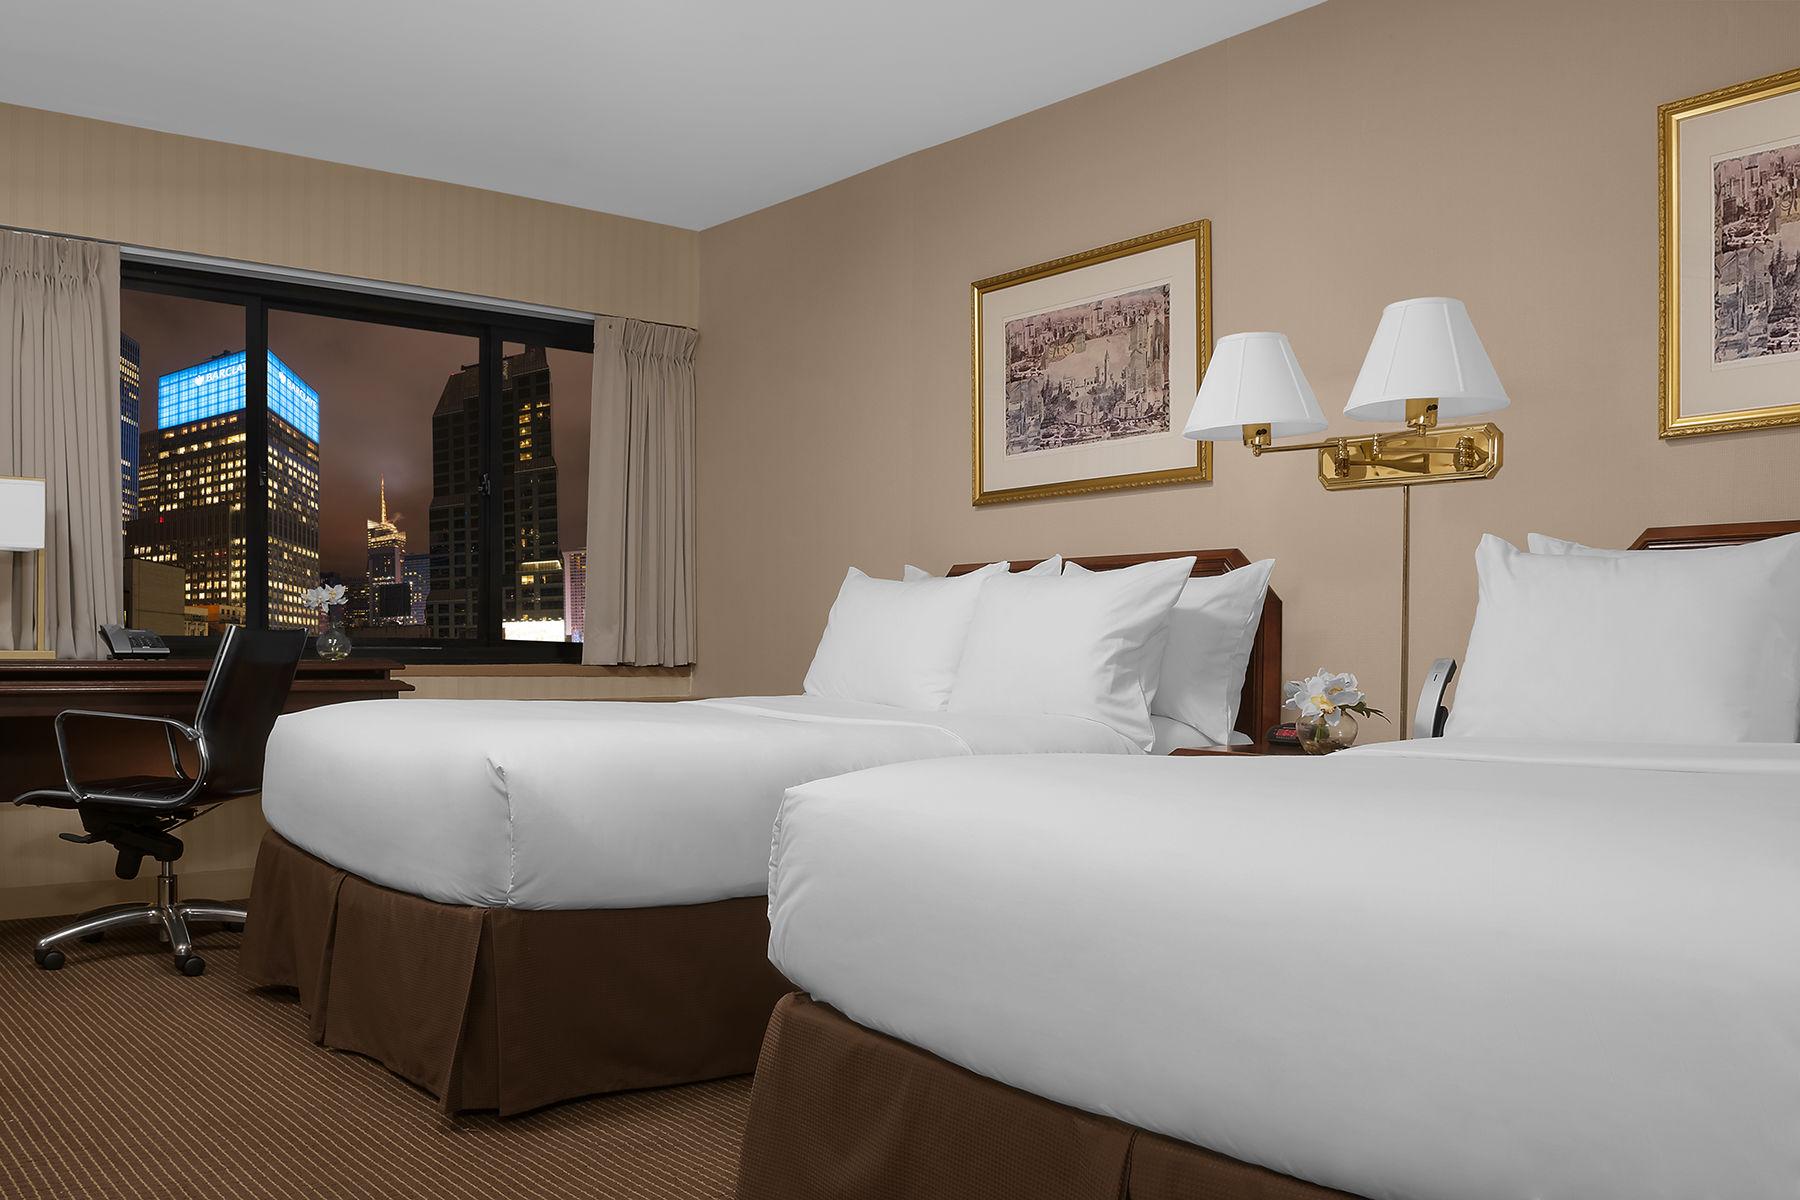 Habitación doble Lujo dos camas separadas del hotel The Manhattan at Times Square